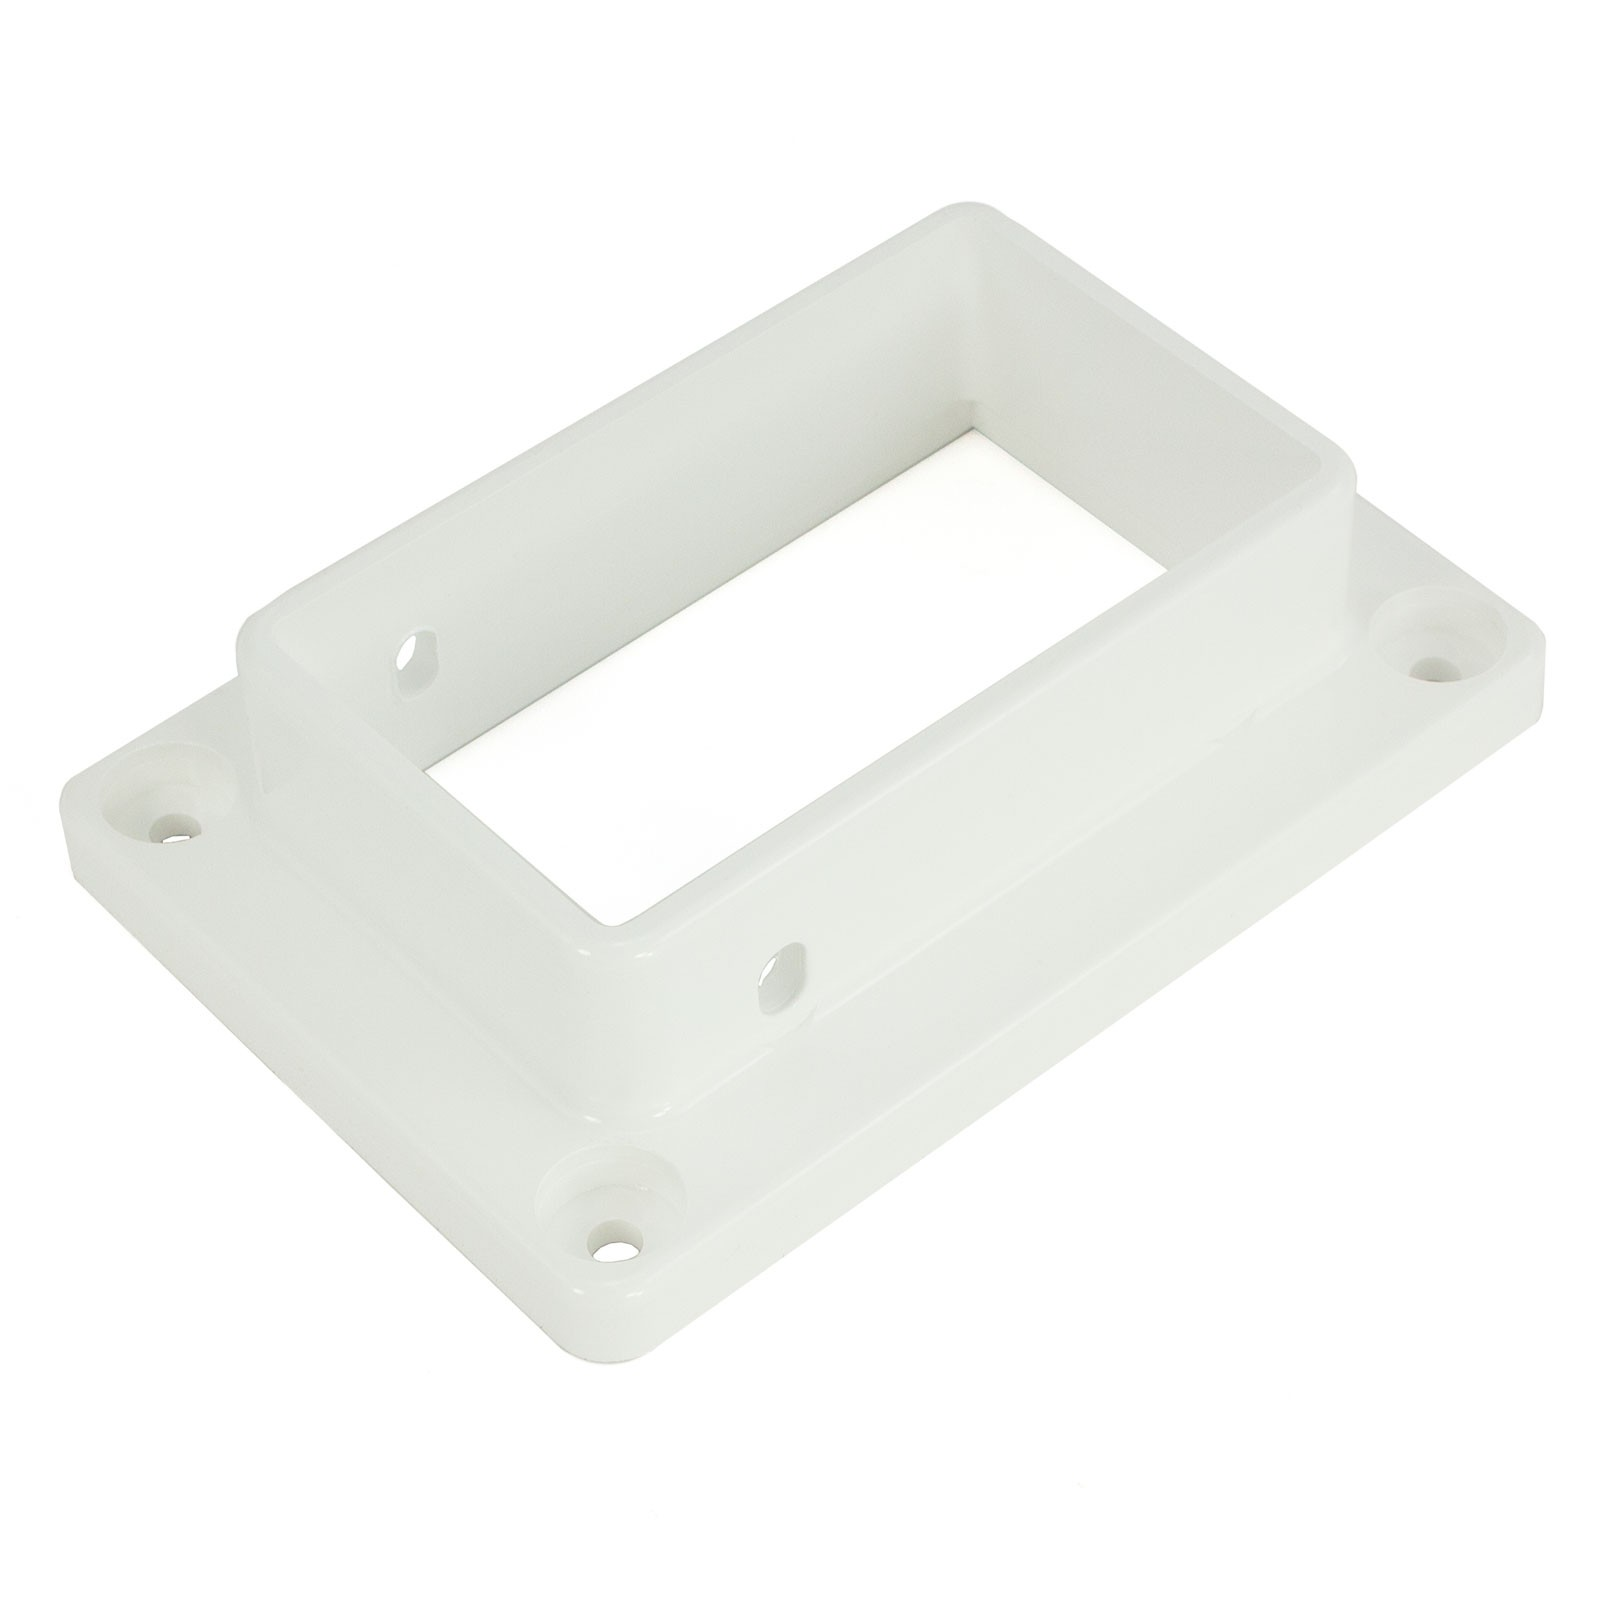 """LMT 1219-WHITE 2"""" x 3 1/2"""" Slotted Handrail Vinyl Bracket ..."""